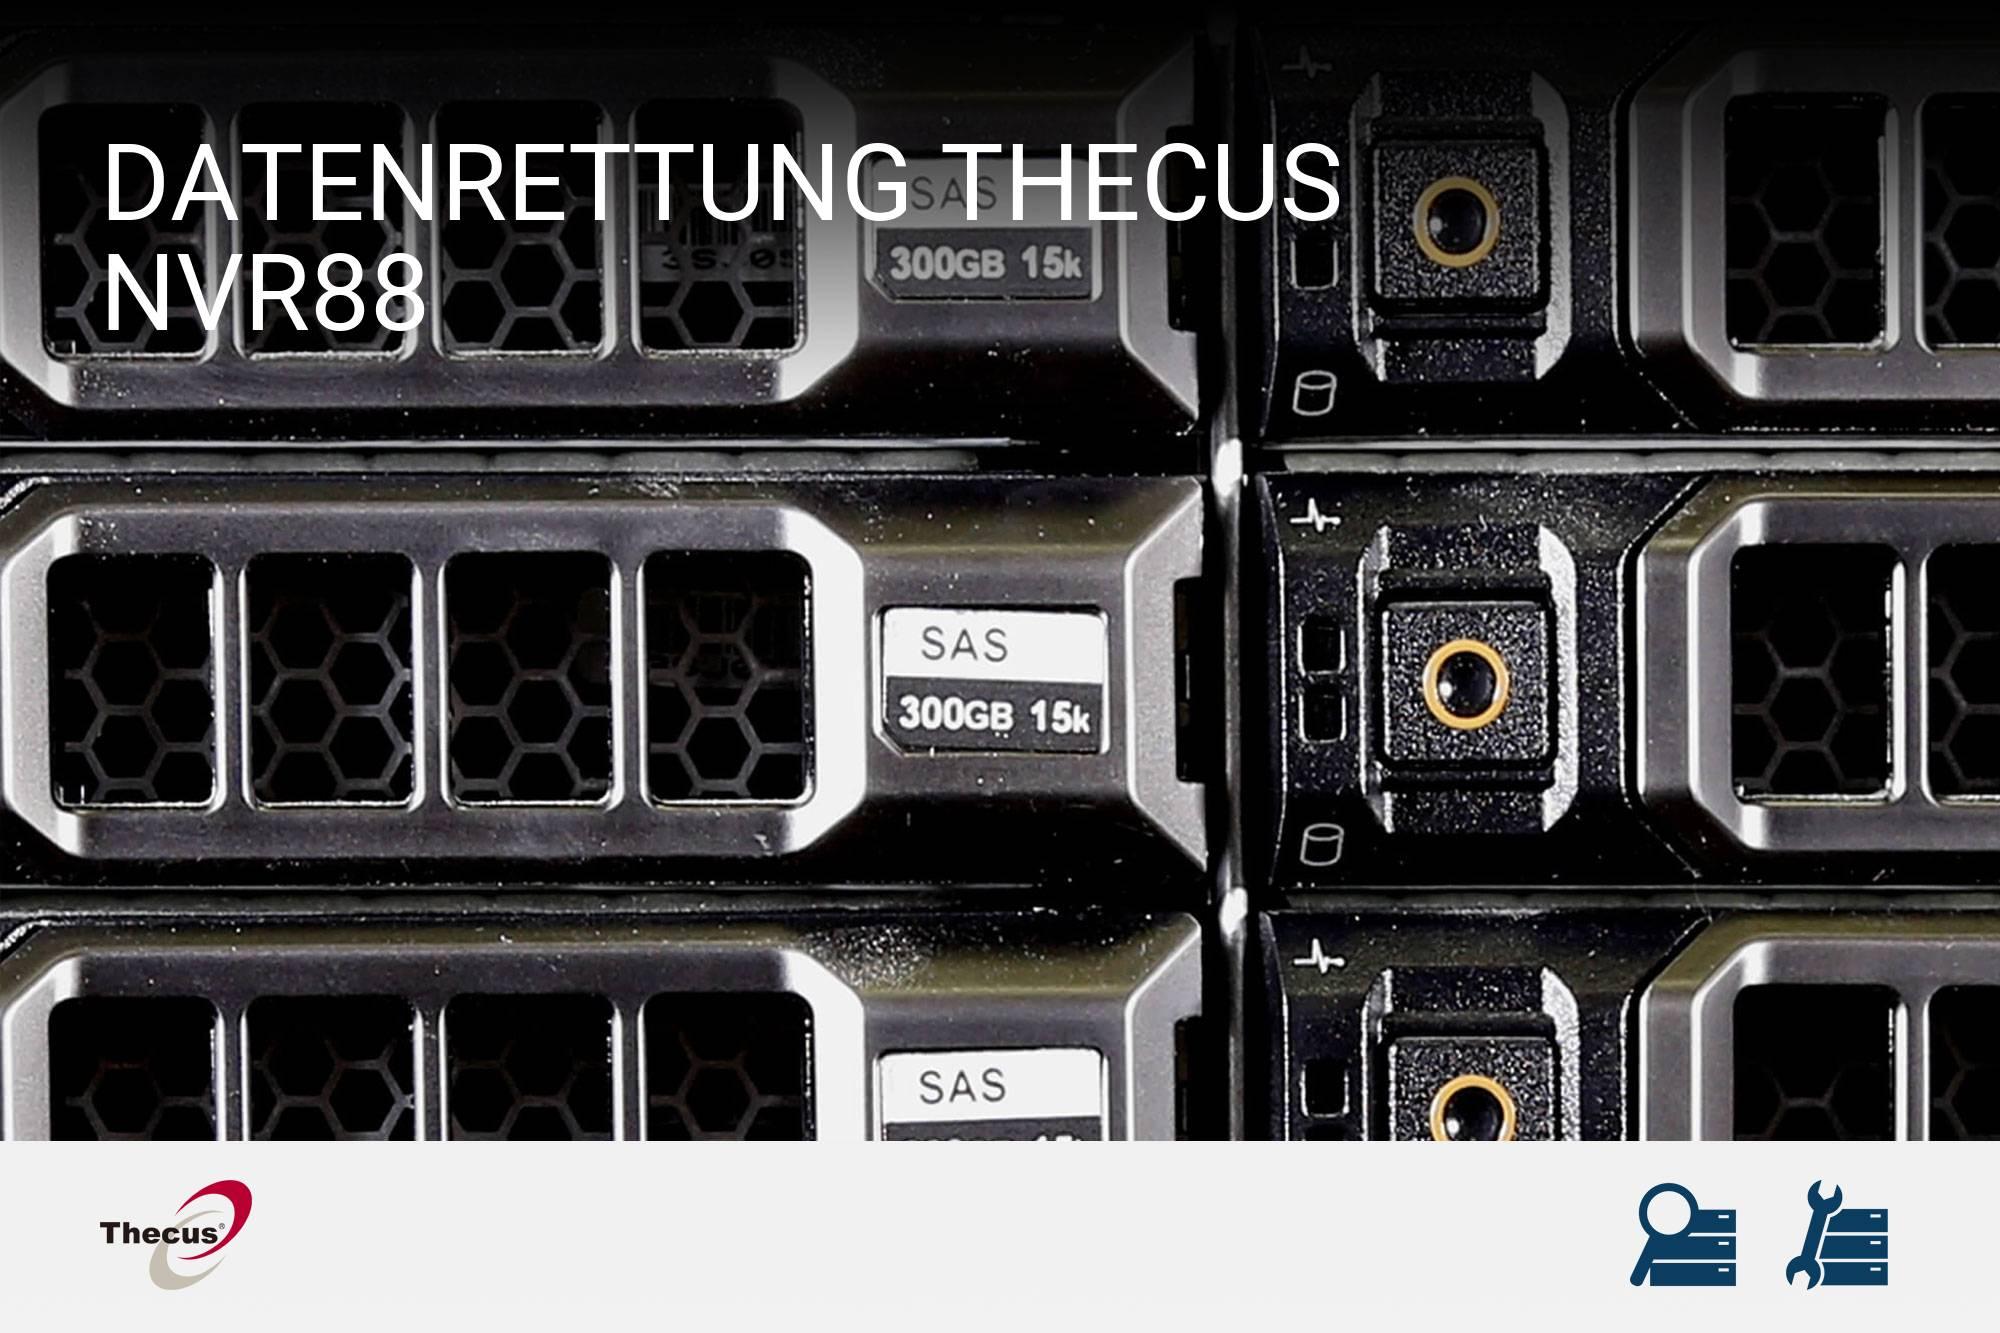 Thecus NVR88